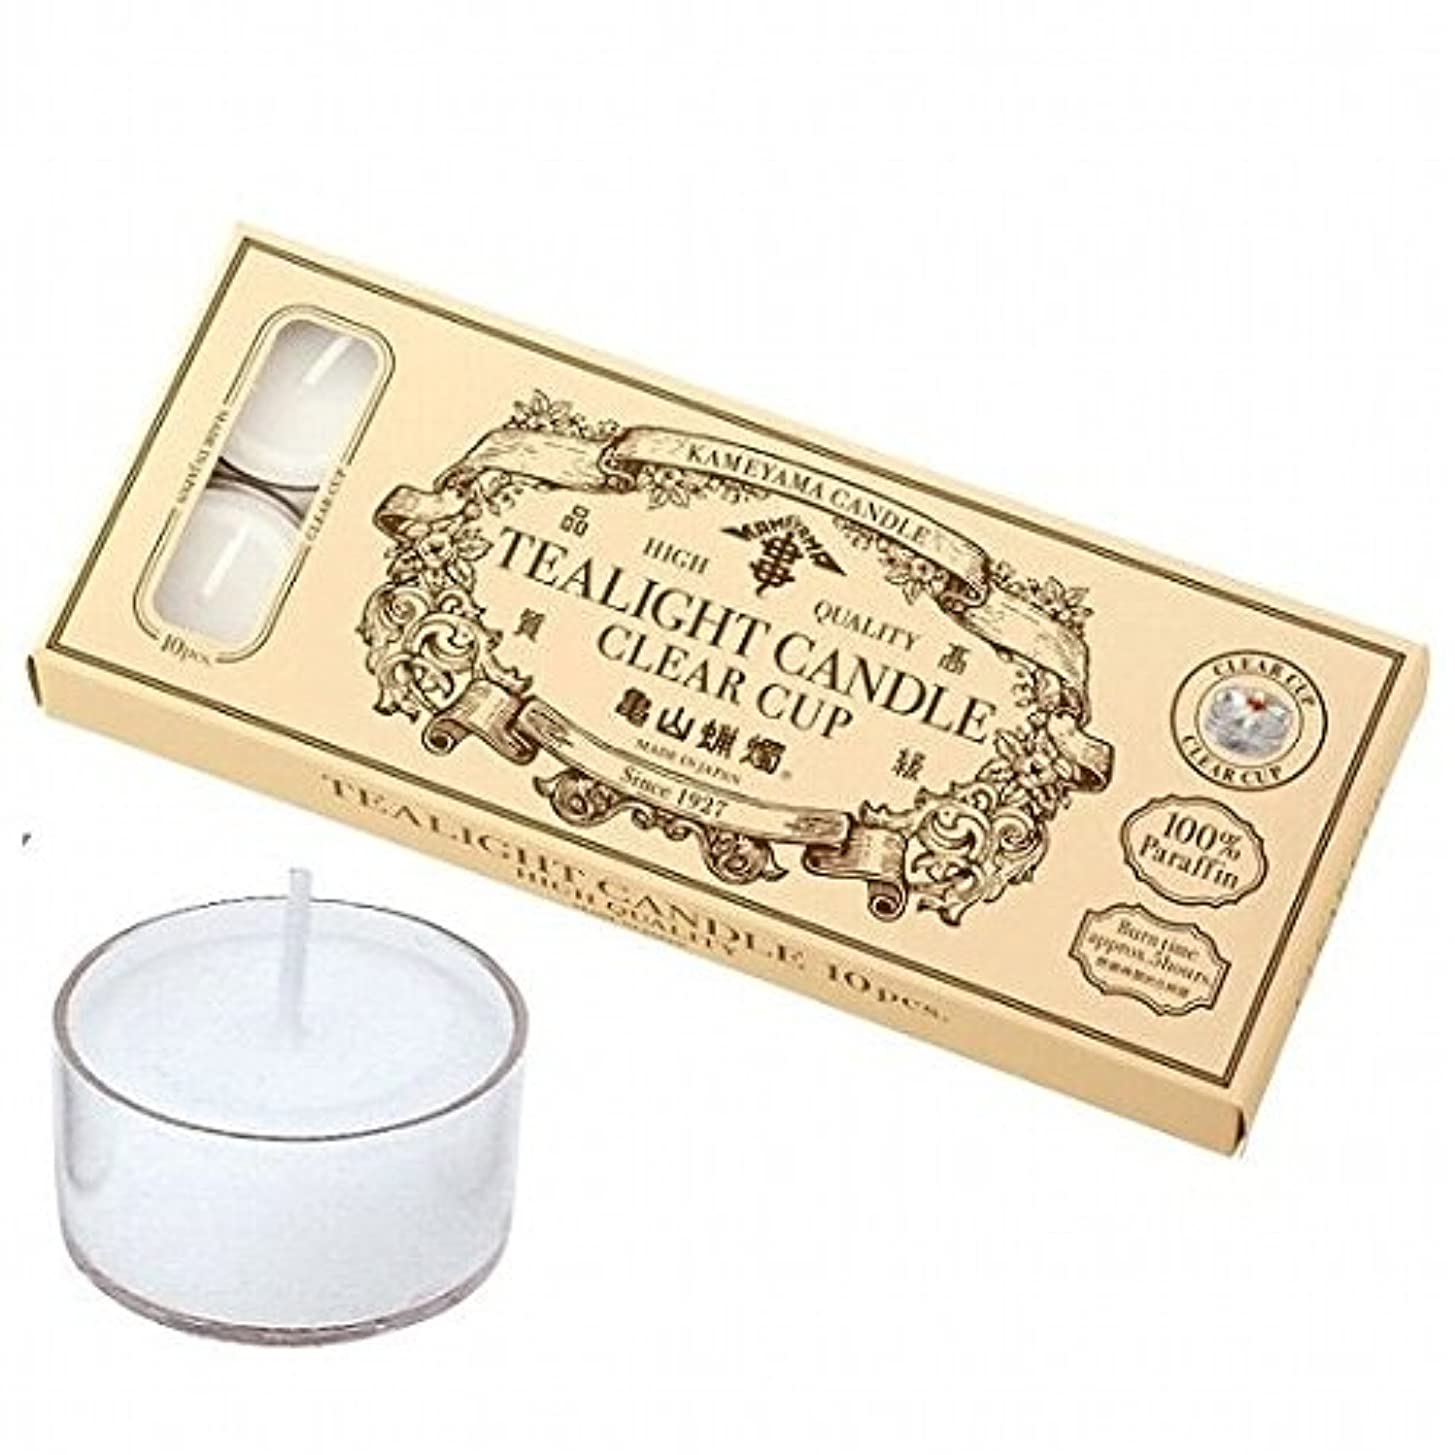 鋭く小道具を除くkameyama candle(カメヤマキャンドル) 亀山ティーライトクリア10個?日本製 キャンドル(83506610)